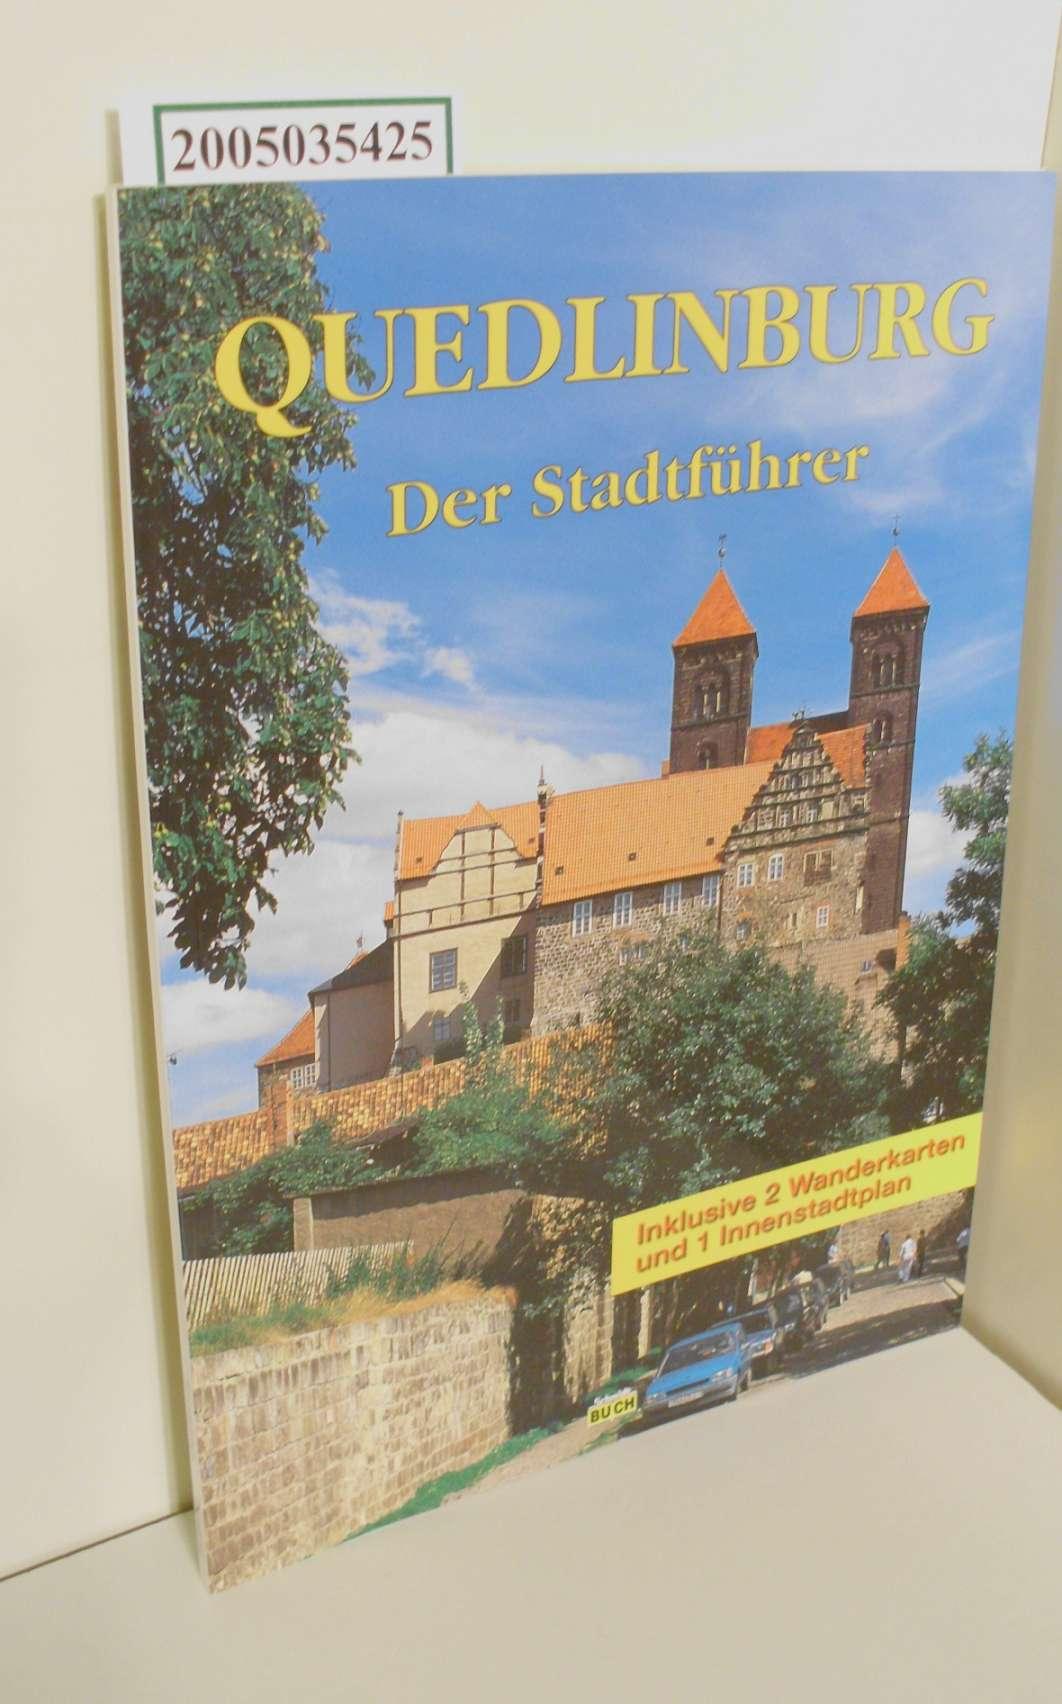 Quedlinburg : ein Führer durch die Weltkulturerbe-Stadt / Wolfgang Hoffmann / es fotogr. Thorsten Schmidt - Hoffmann, Wolfgang und Thorsten Schmidt